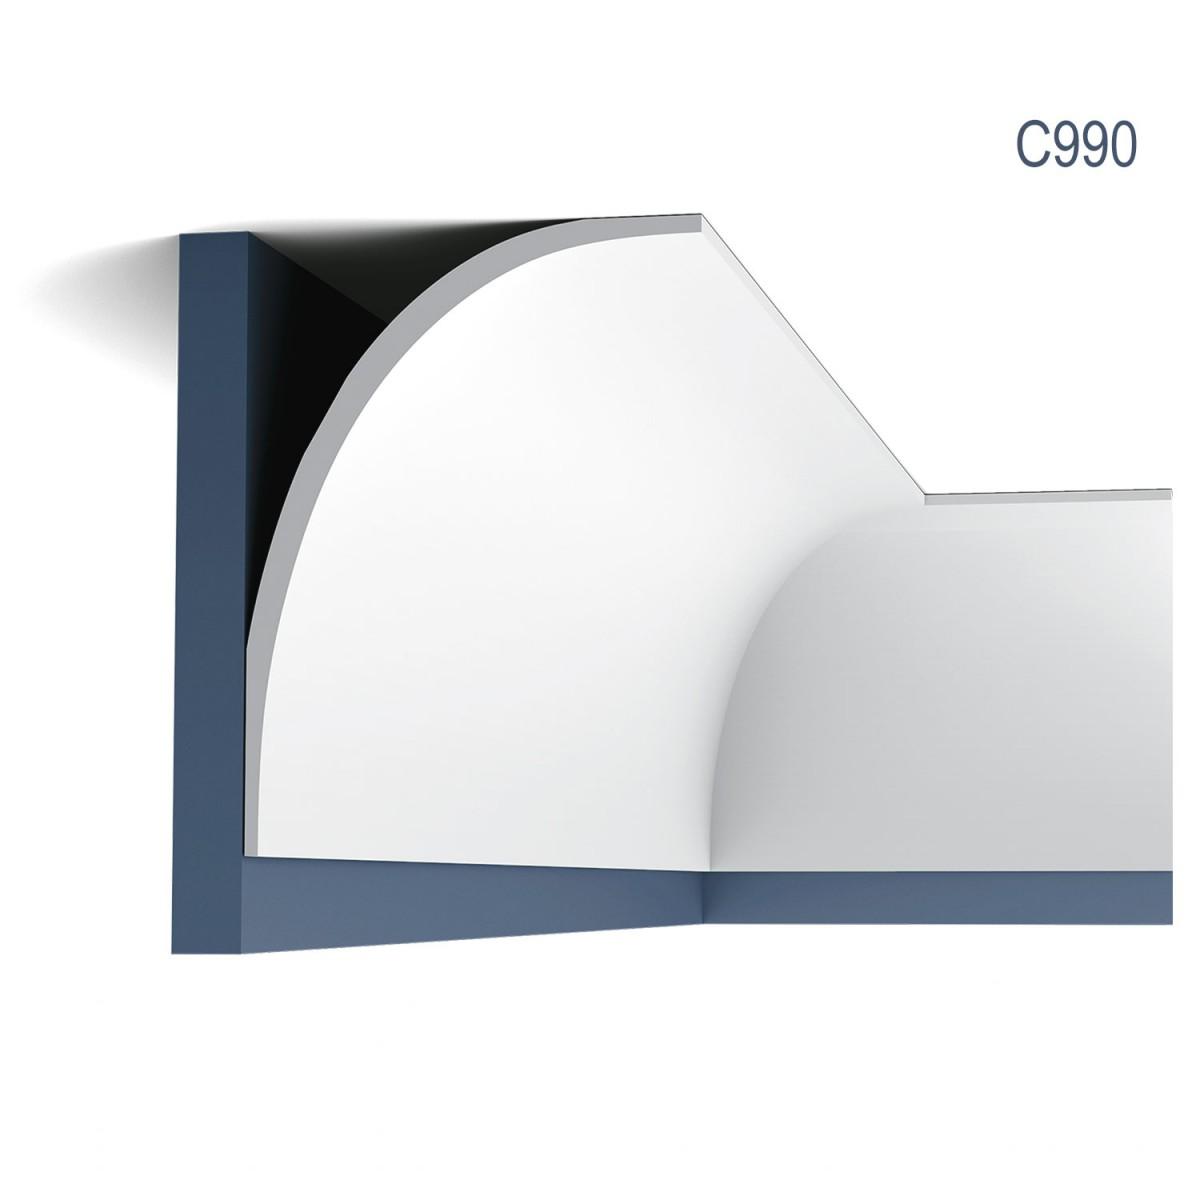 Cornisa Luxxus C990, Dimensiuni: 200 X 21.5 X 15.7 cm, Orac Decor